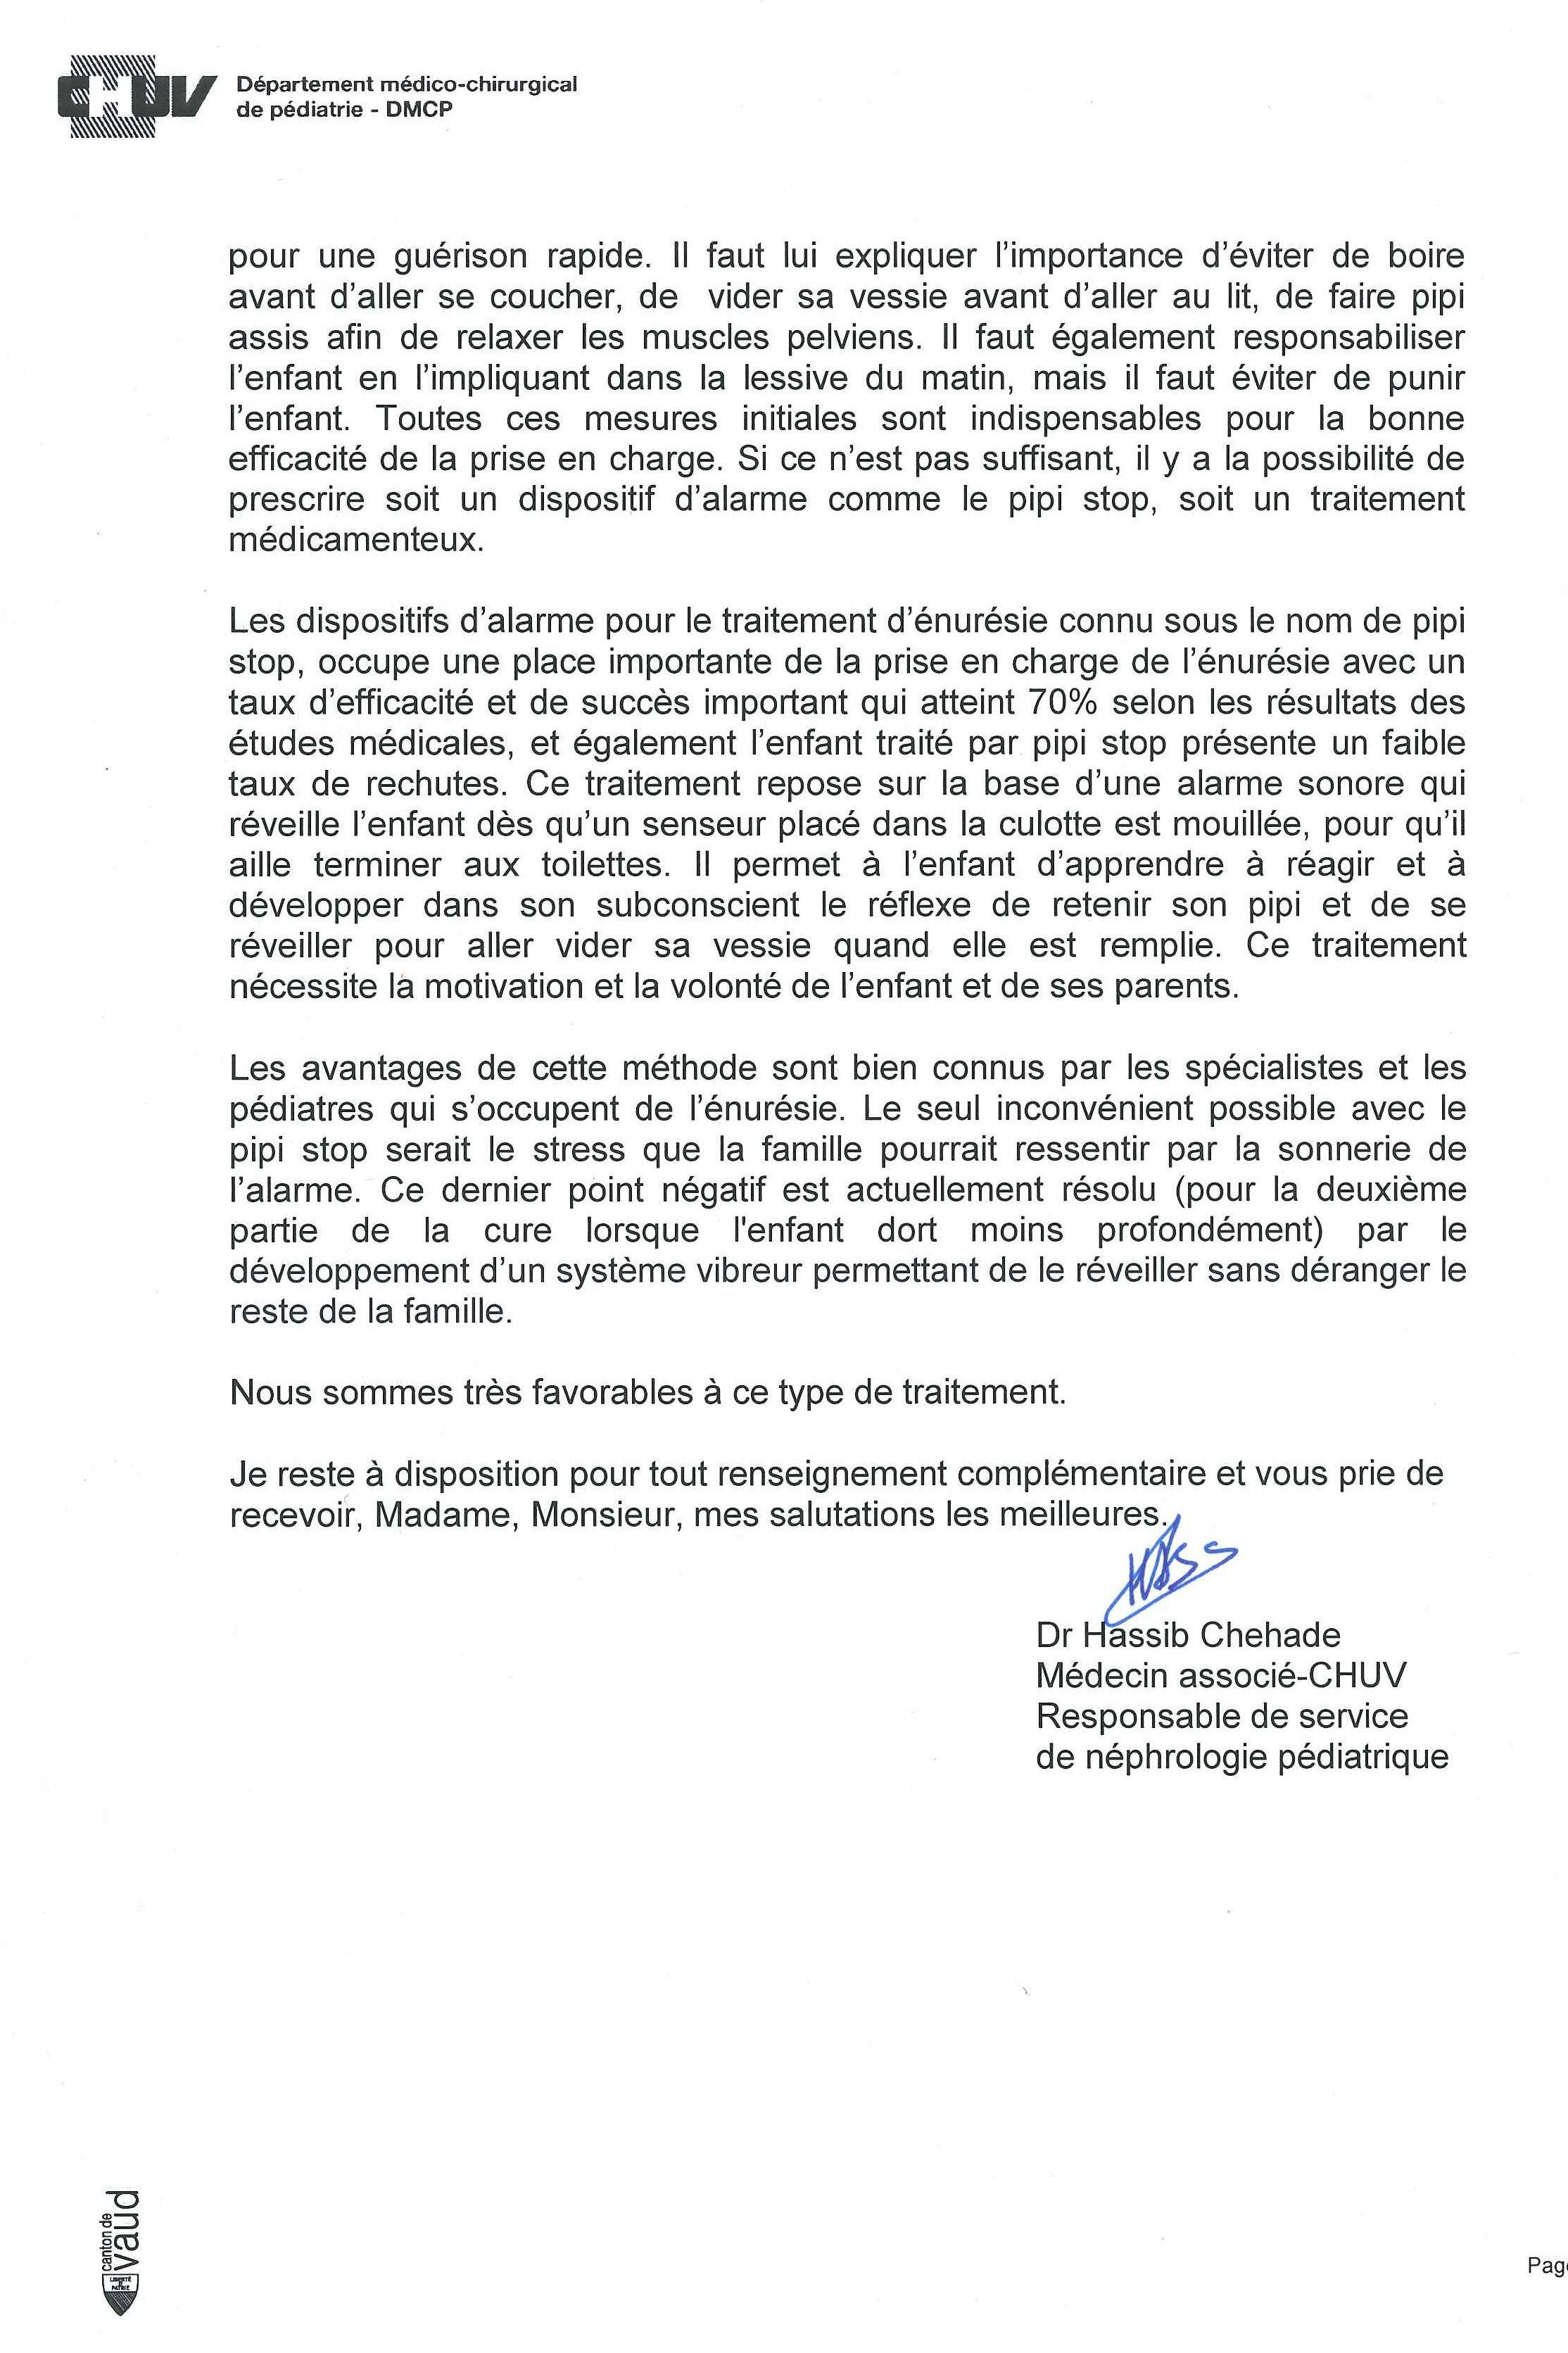 Temoignage_Dr_Chehade_2012_Seite_2